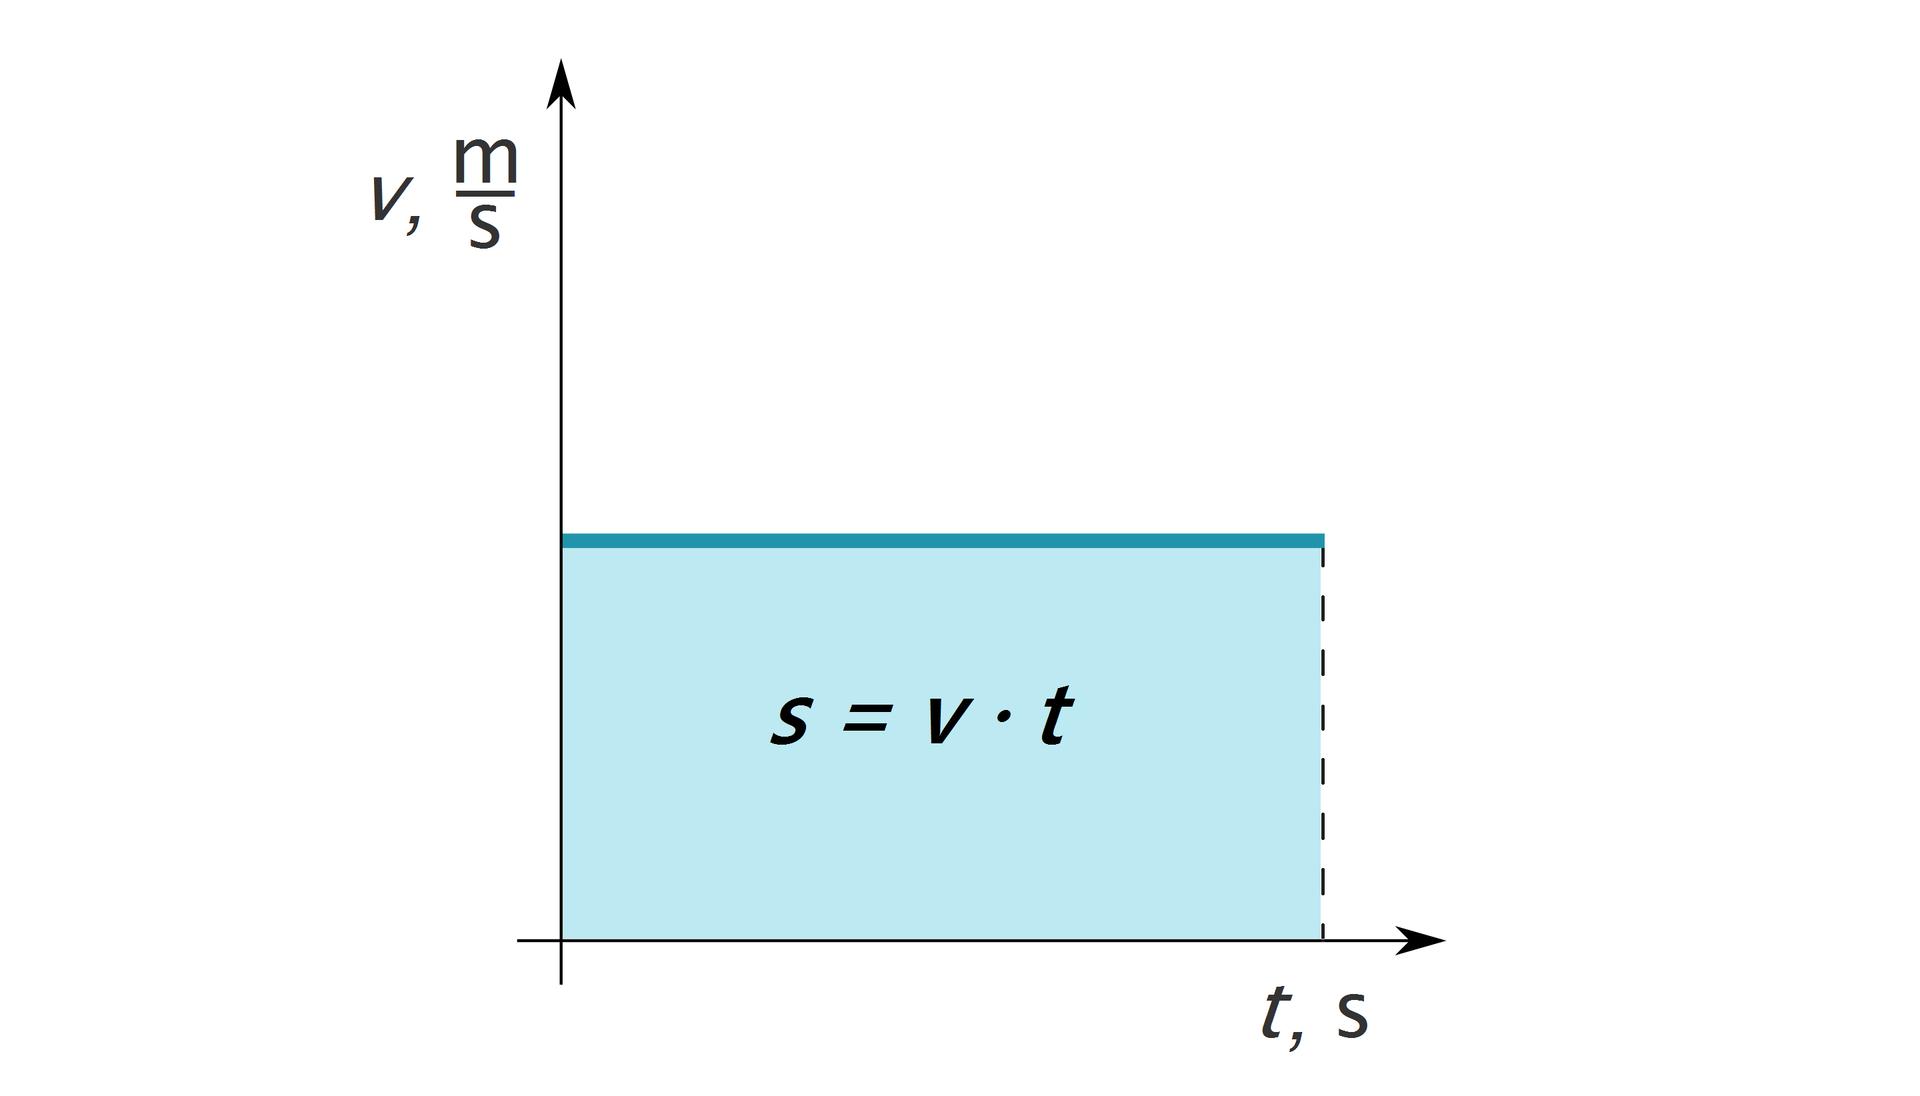 """Ilustracja przedstawia wykres zależności prędkości od czasu. Tło białe. Oś odciętych opisana jako """"t [s]"""". Oś rzędnych opisana jako """"v [m/s]"""". Na wykresie niebieski prostokąt. Lewy dolny róg leży wpoczątku układu współrzędnych. Krótszy bok leży na osi rzędnych. Dłuższy bok leży na osi odciętych."""